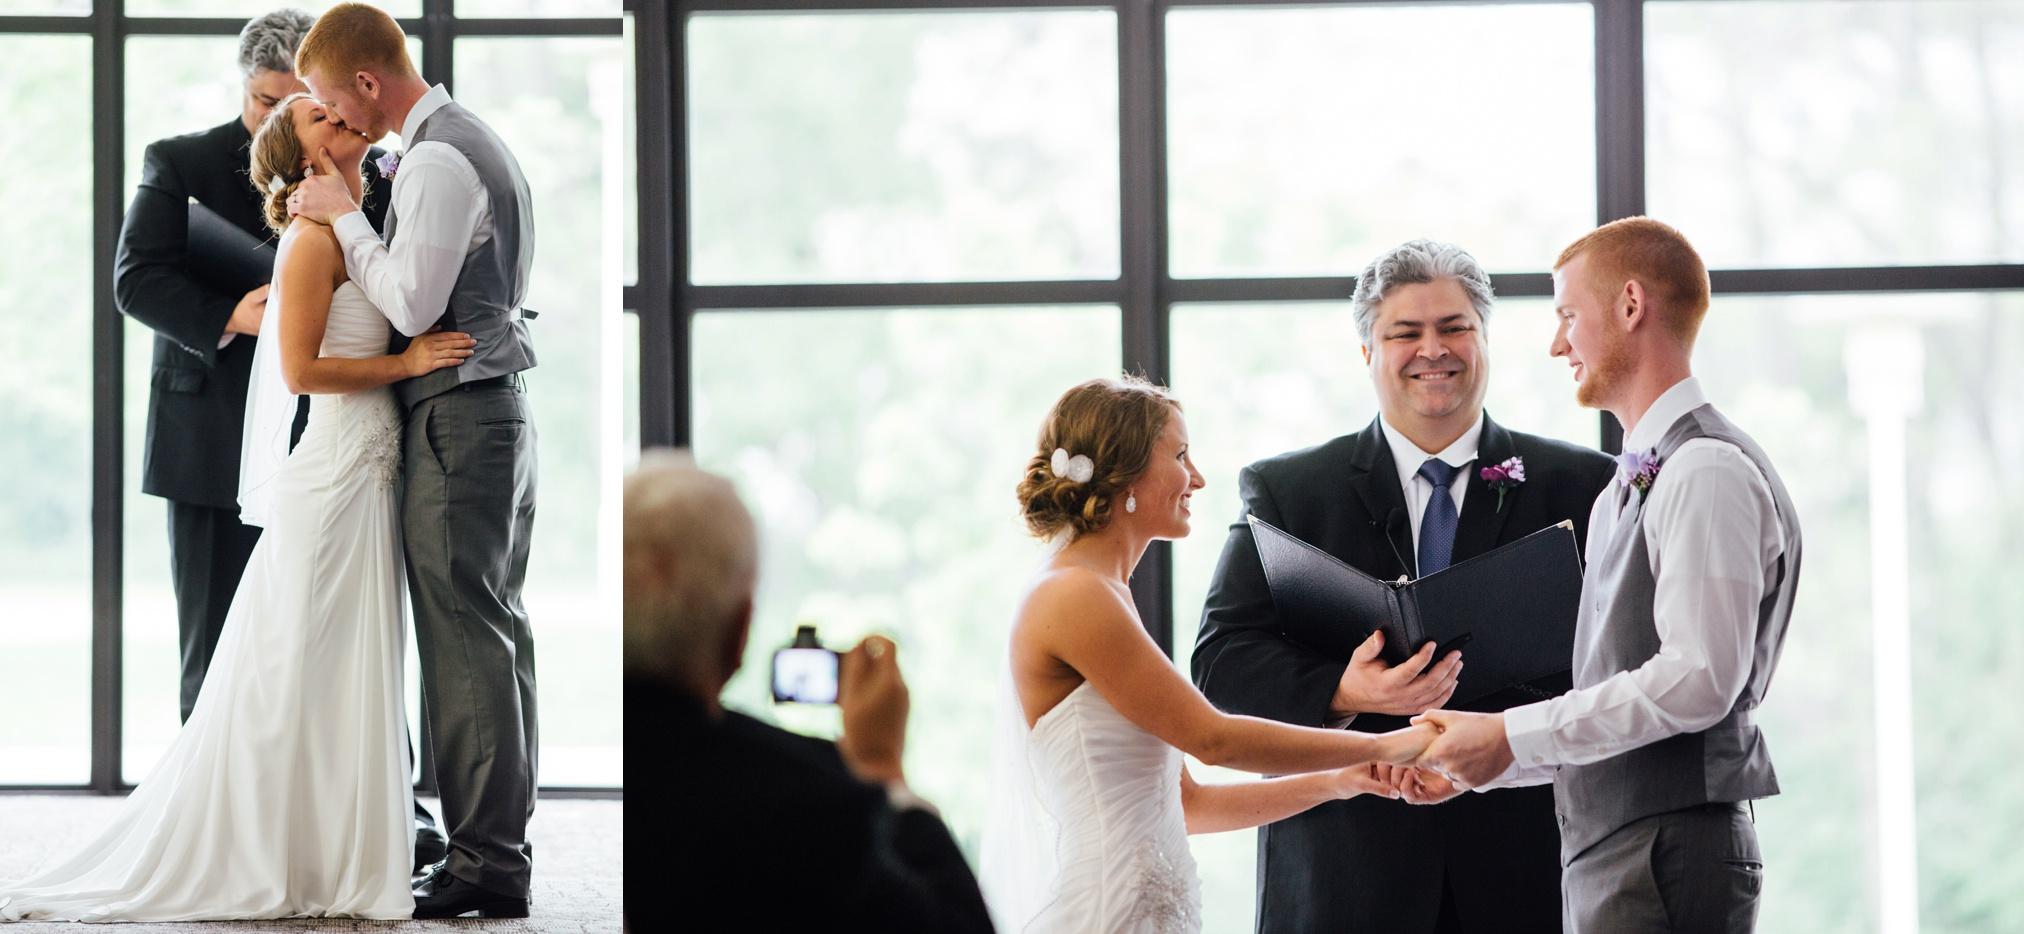 Vanderhart_Wedding-337